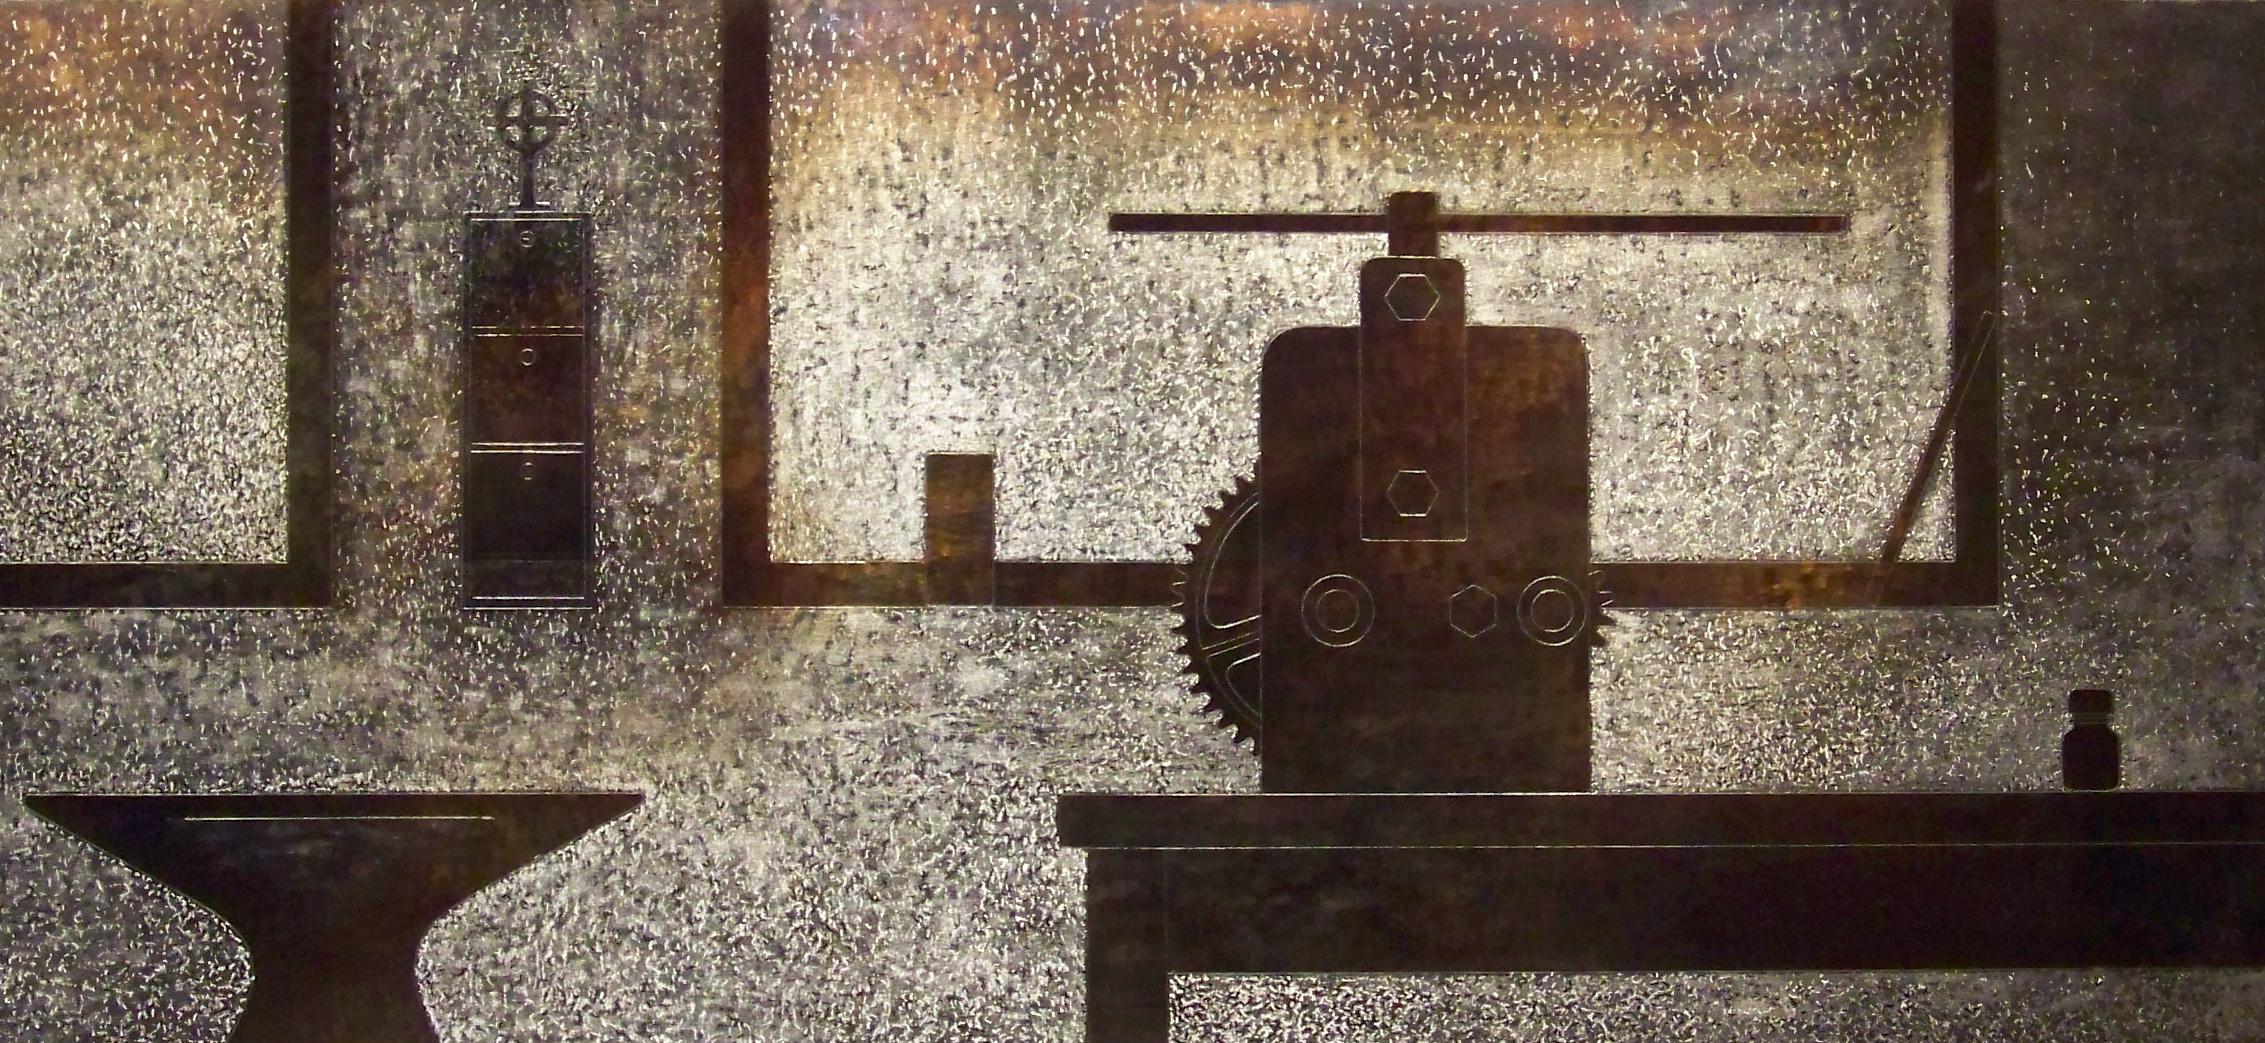 1.Komposisjon med ambolt og valse, 2011, 40 x 86 x 0,6 cm, oljebrent, slipt og anløpt stål